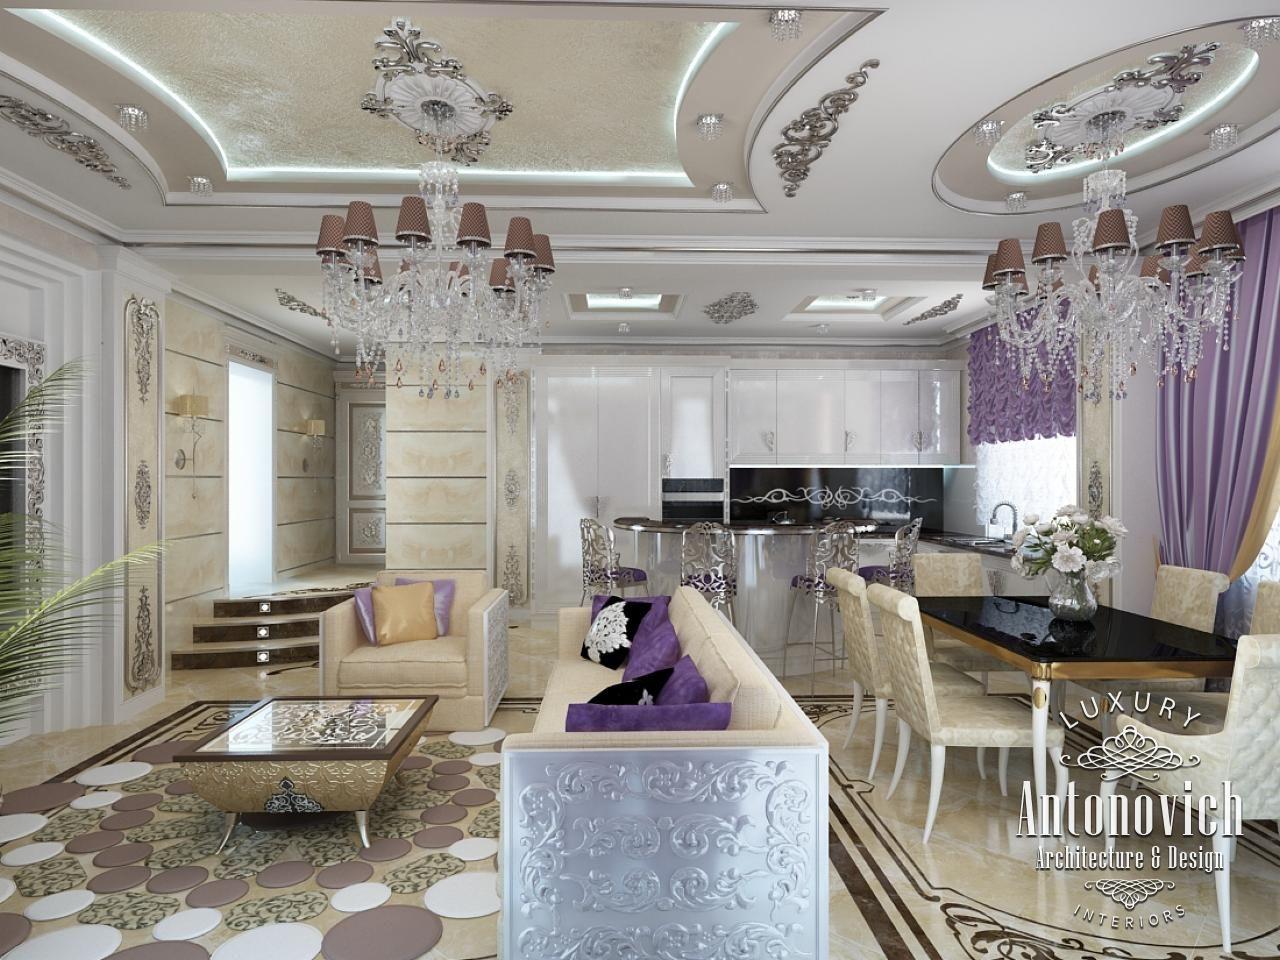 Kitchen Design in Dubai, Luxury Kitchen Design UAE, Photo